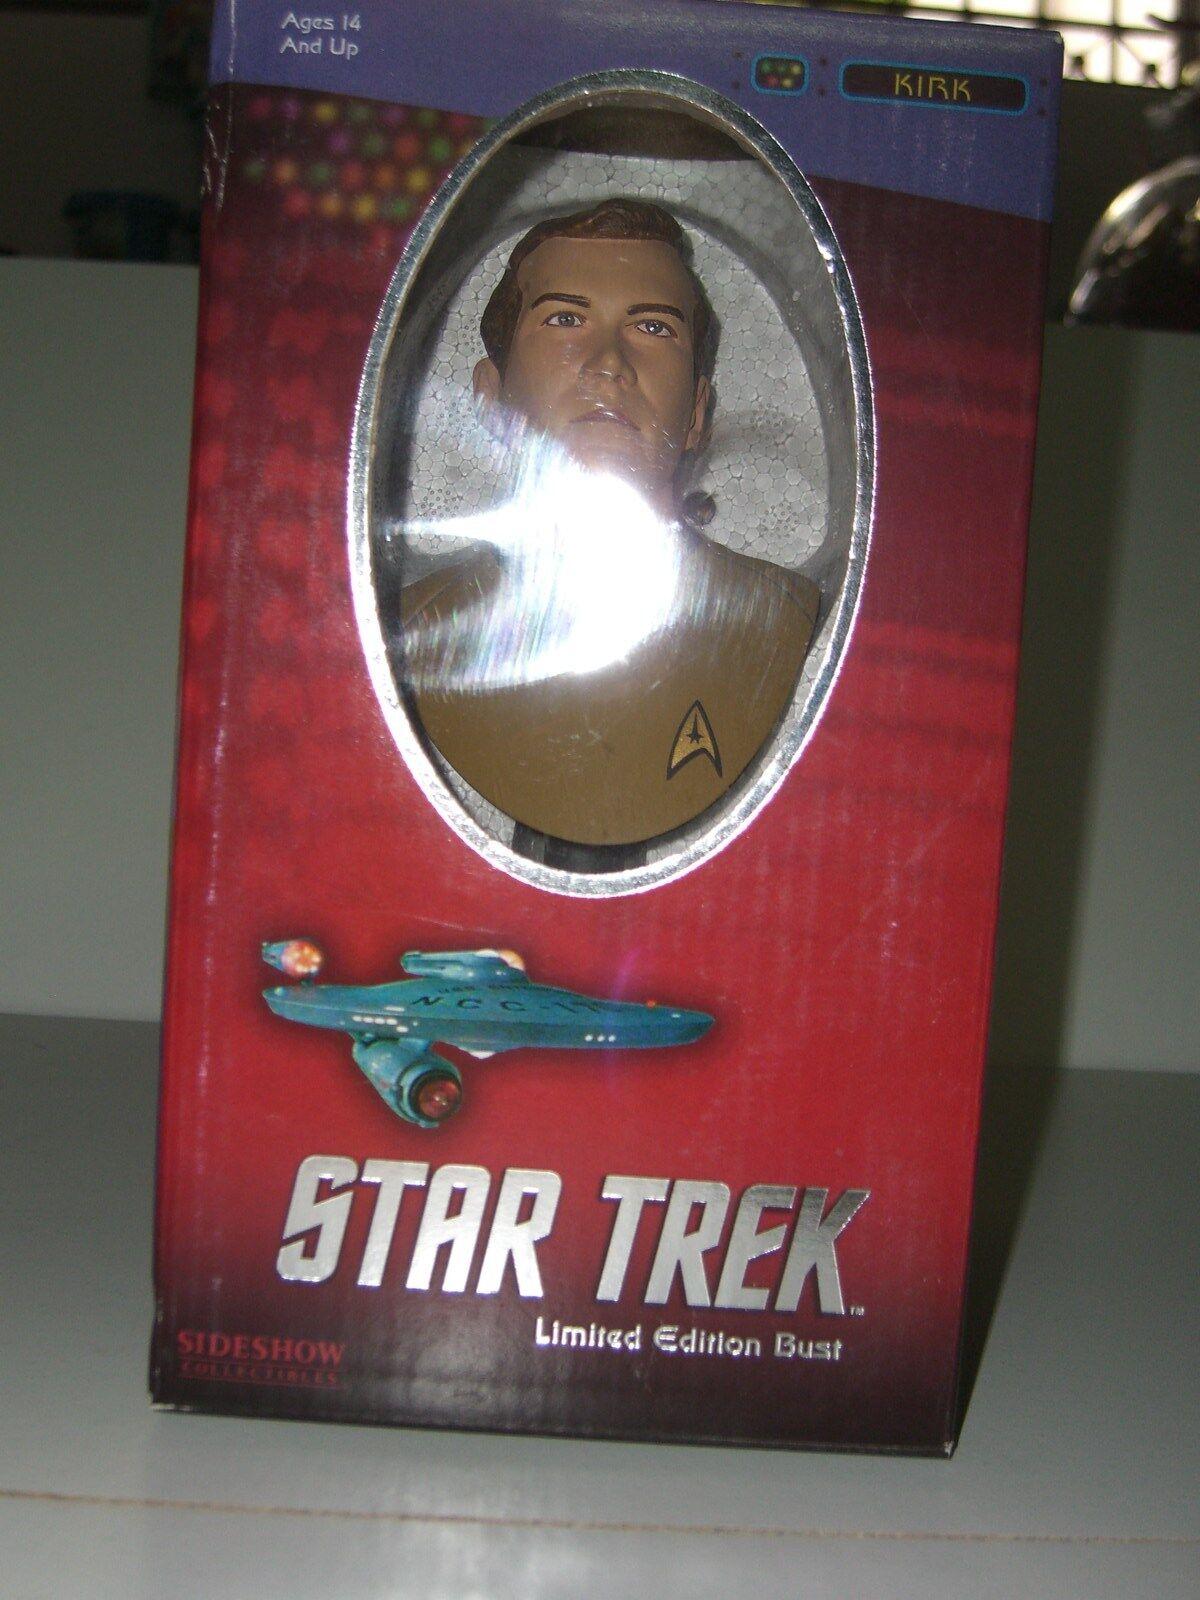 STAR TREK SIDESHOW MINI BUST CAPT. JAMES T. KIRK STATUE 2303/5000 MIB